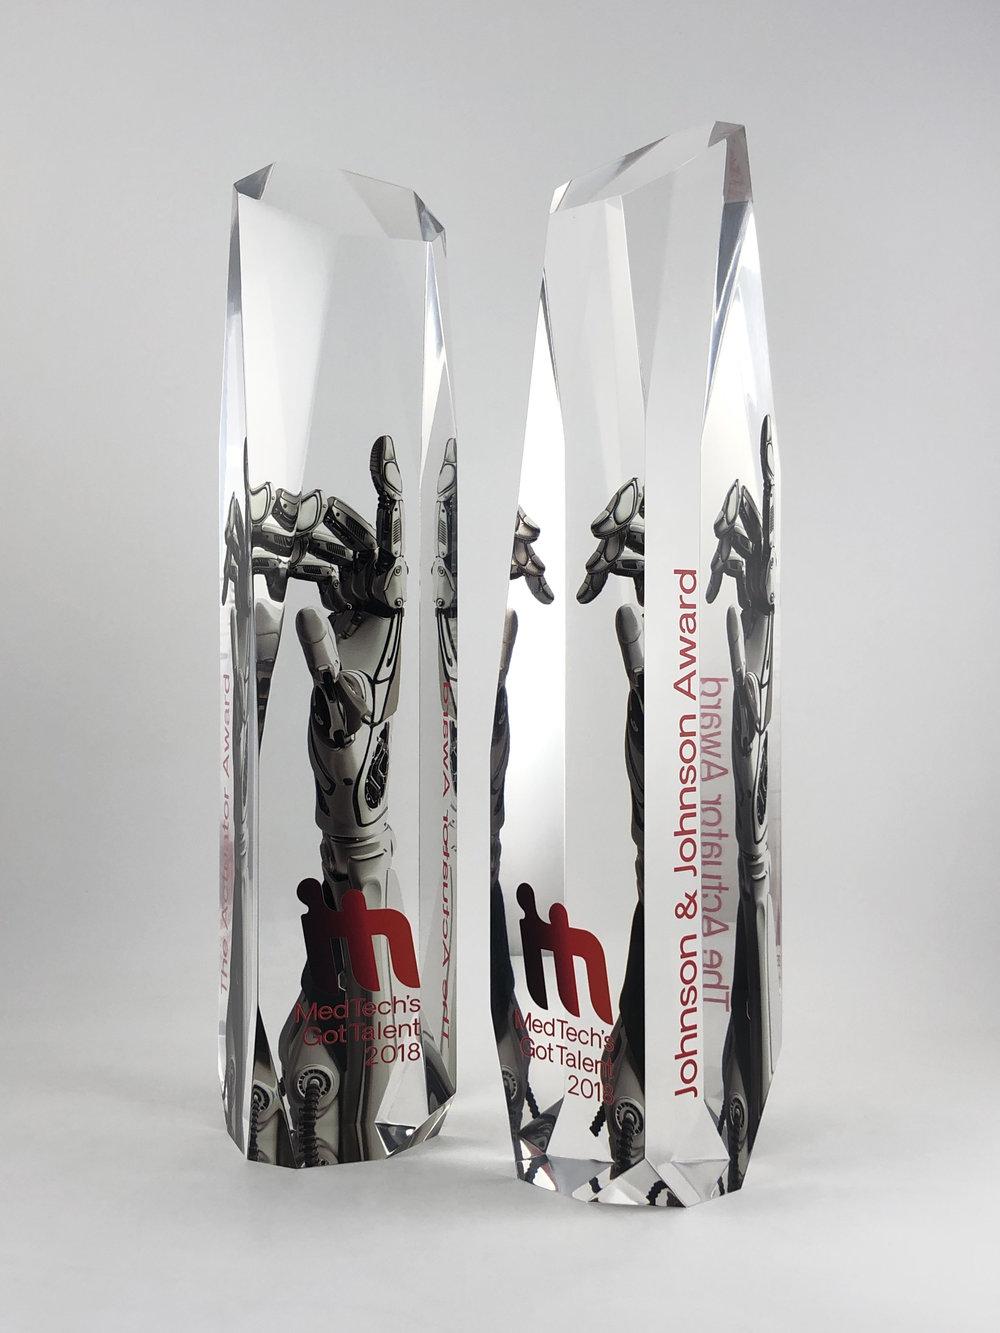 medtech-got-talent-awards-acrylic-graphic-print-art-trophy-07.jpg